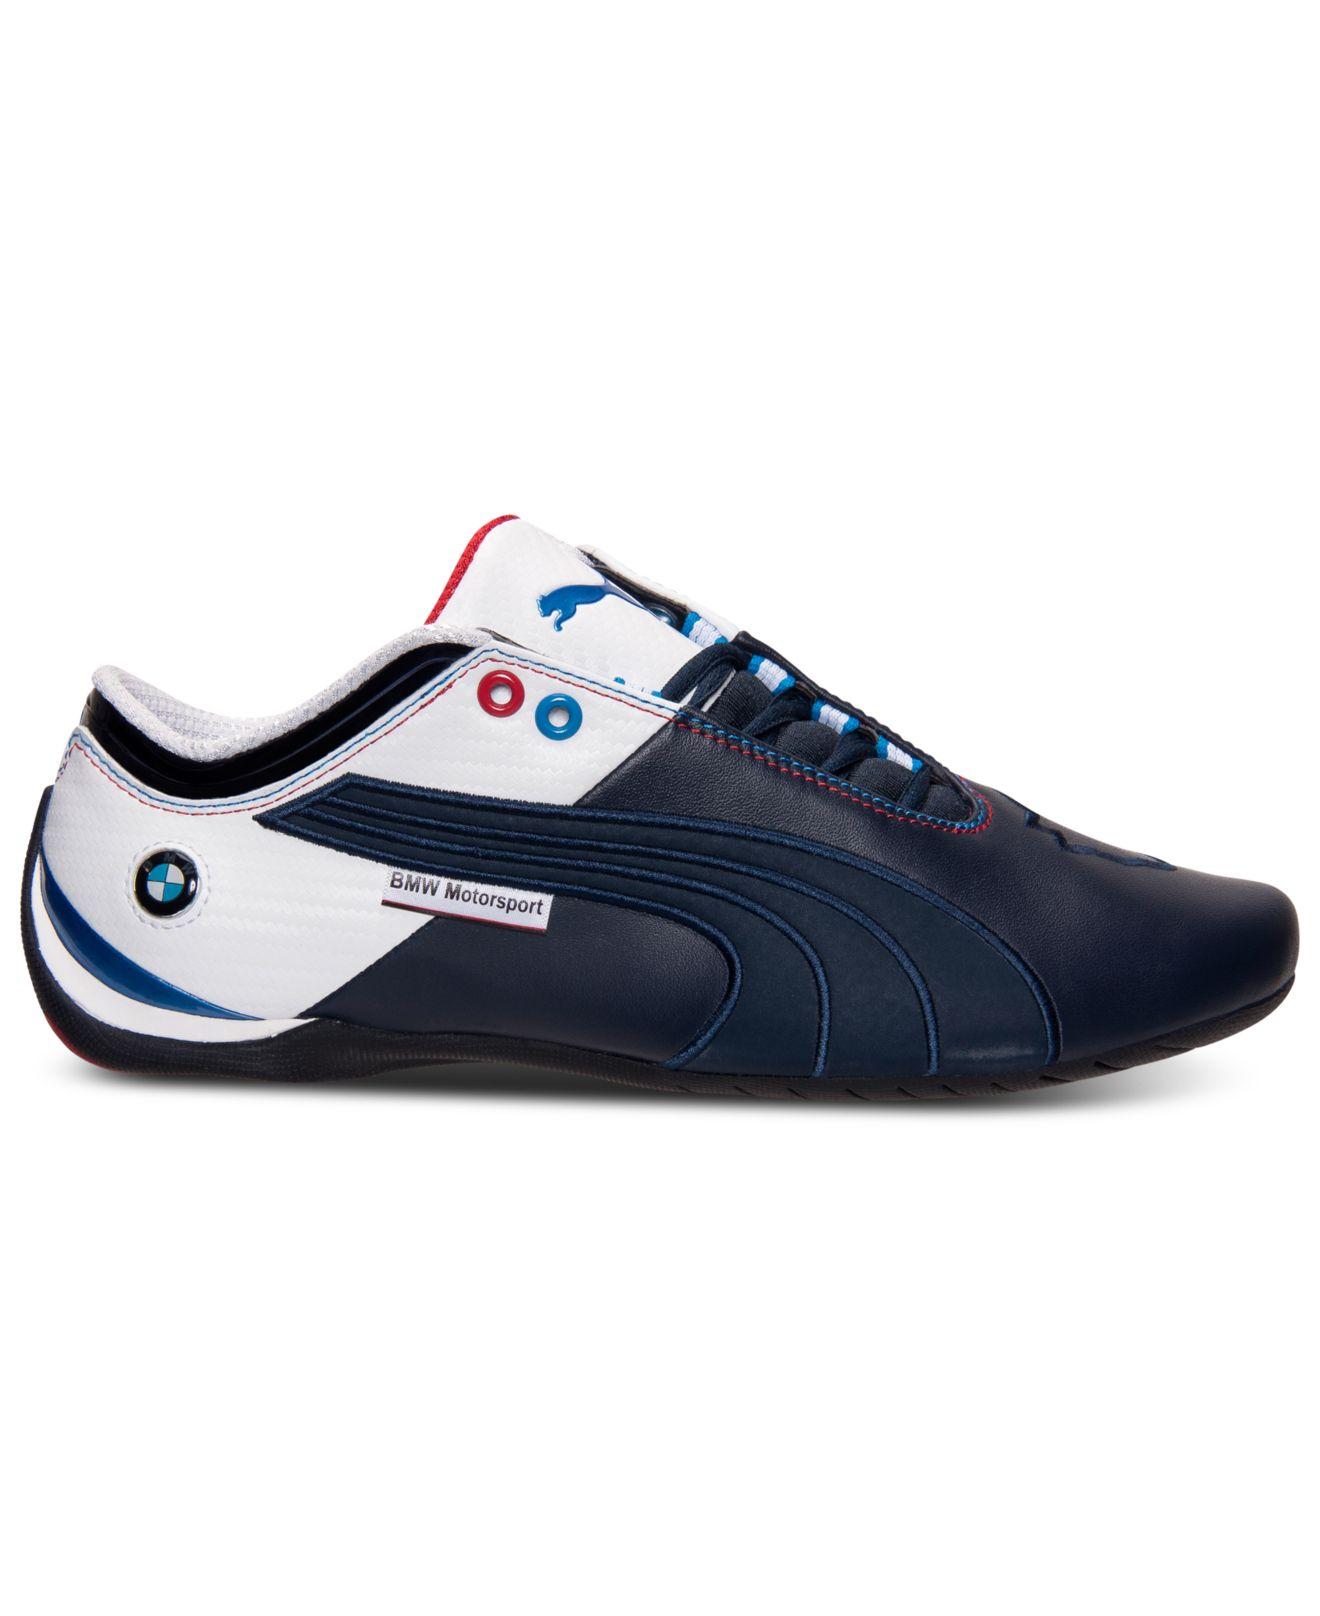 Bmw Future Cat M Men S Shoes